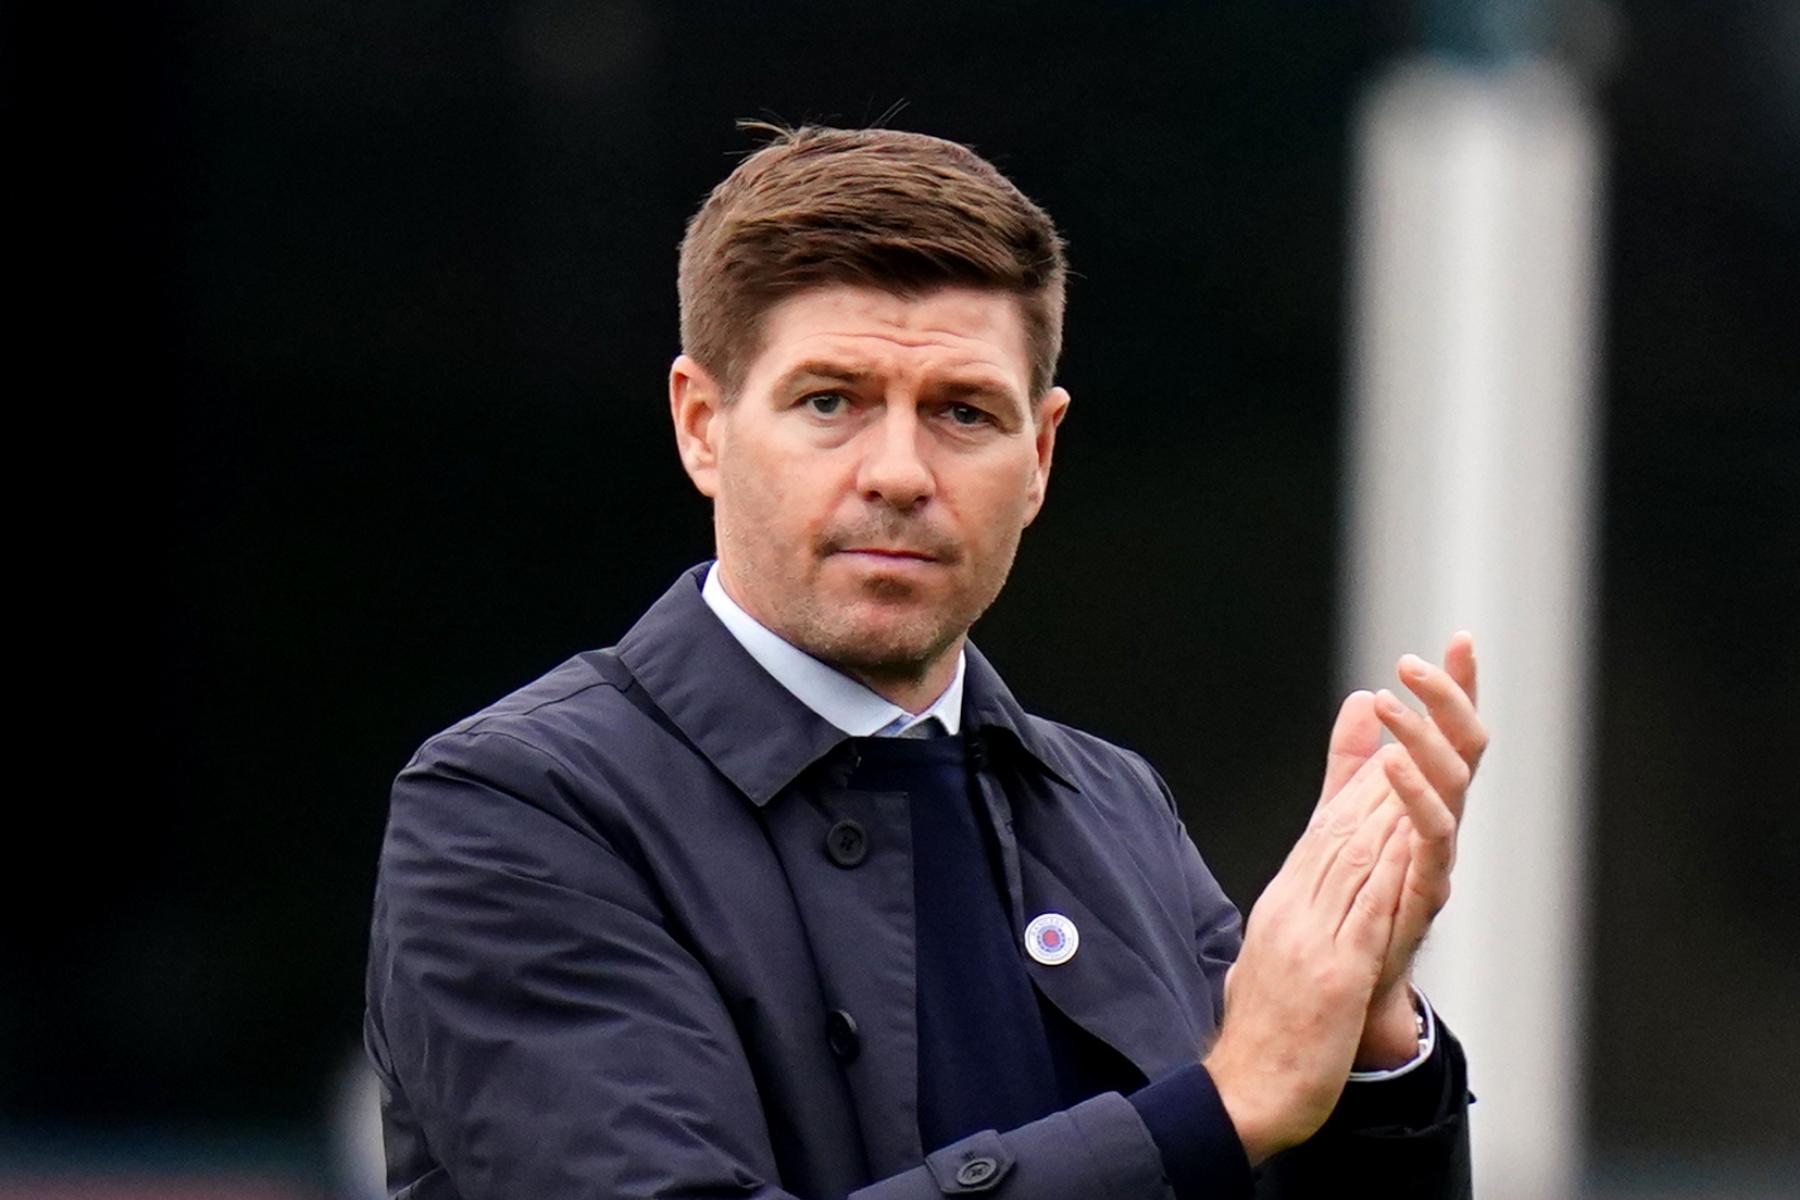 Steven Gerrard llega al Newcastle, el último de sus amigos cercanos hace una predicción audaz sobre el jefe de los Rangers